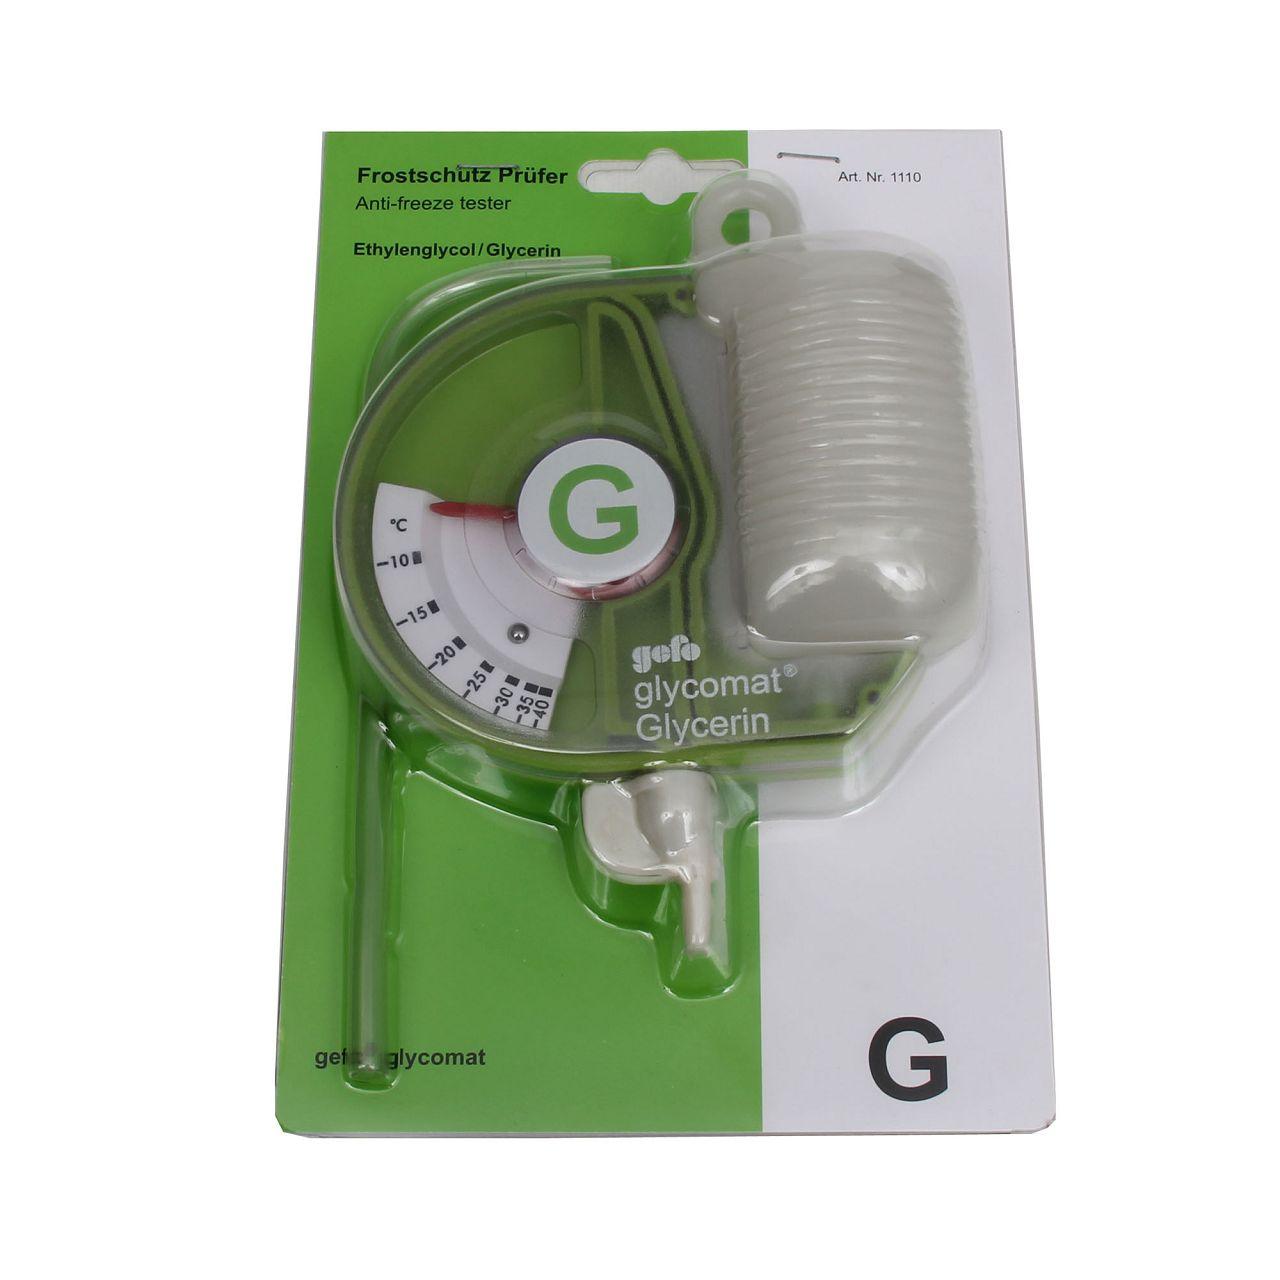 GEFO 1110 Frostschutzprüfer GLYCOMAT Kühlerfrostschutz Prüfer Tester G13